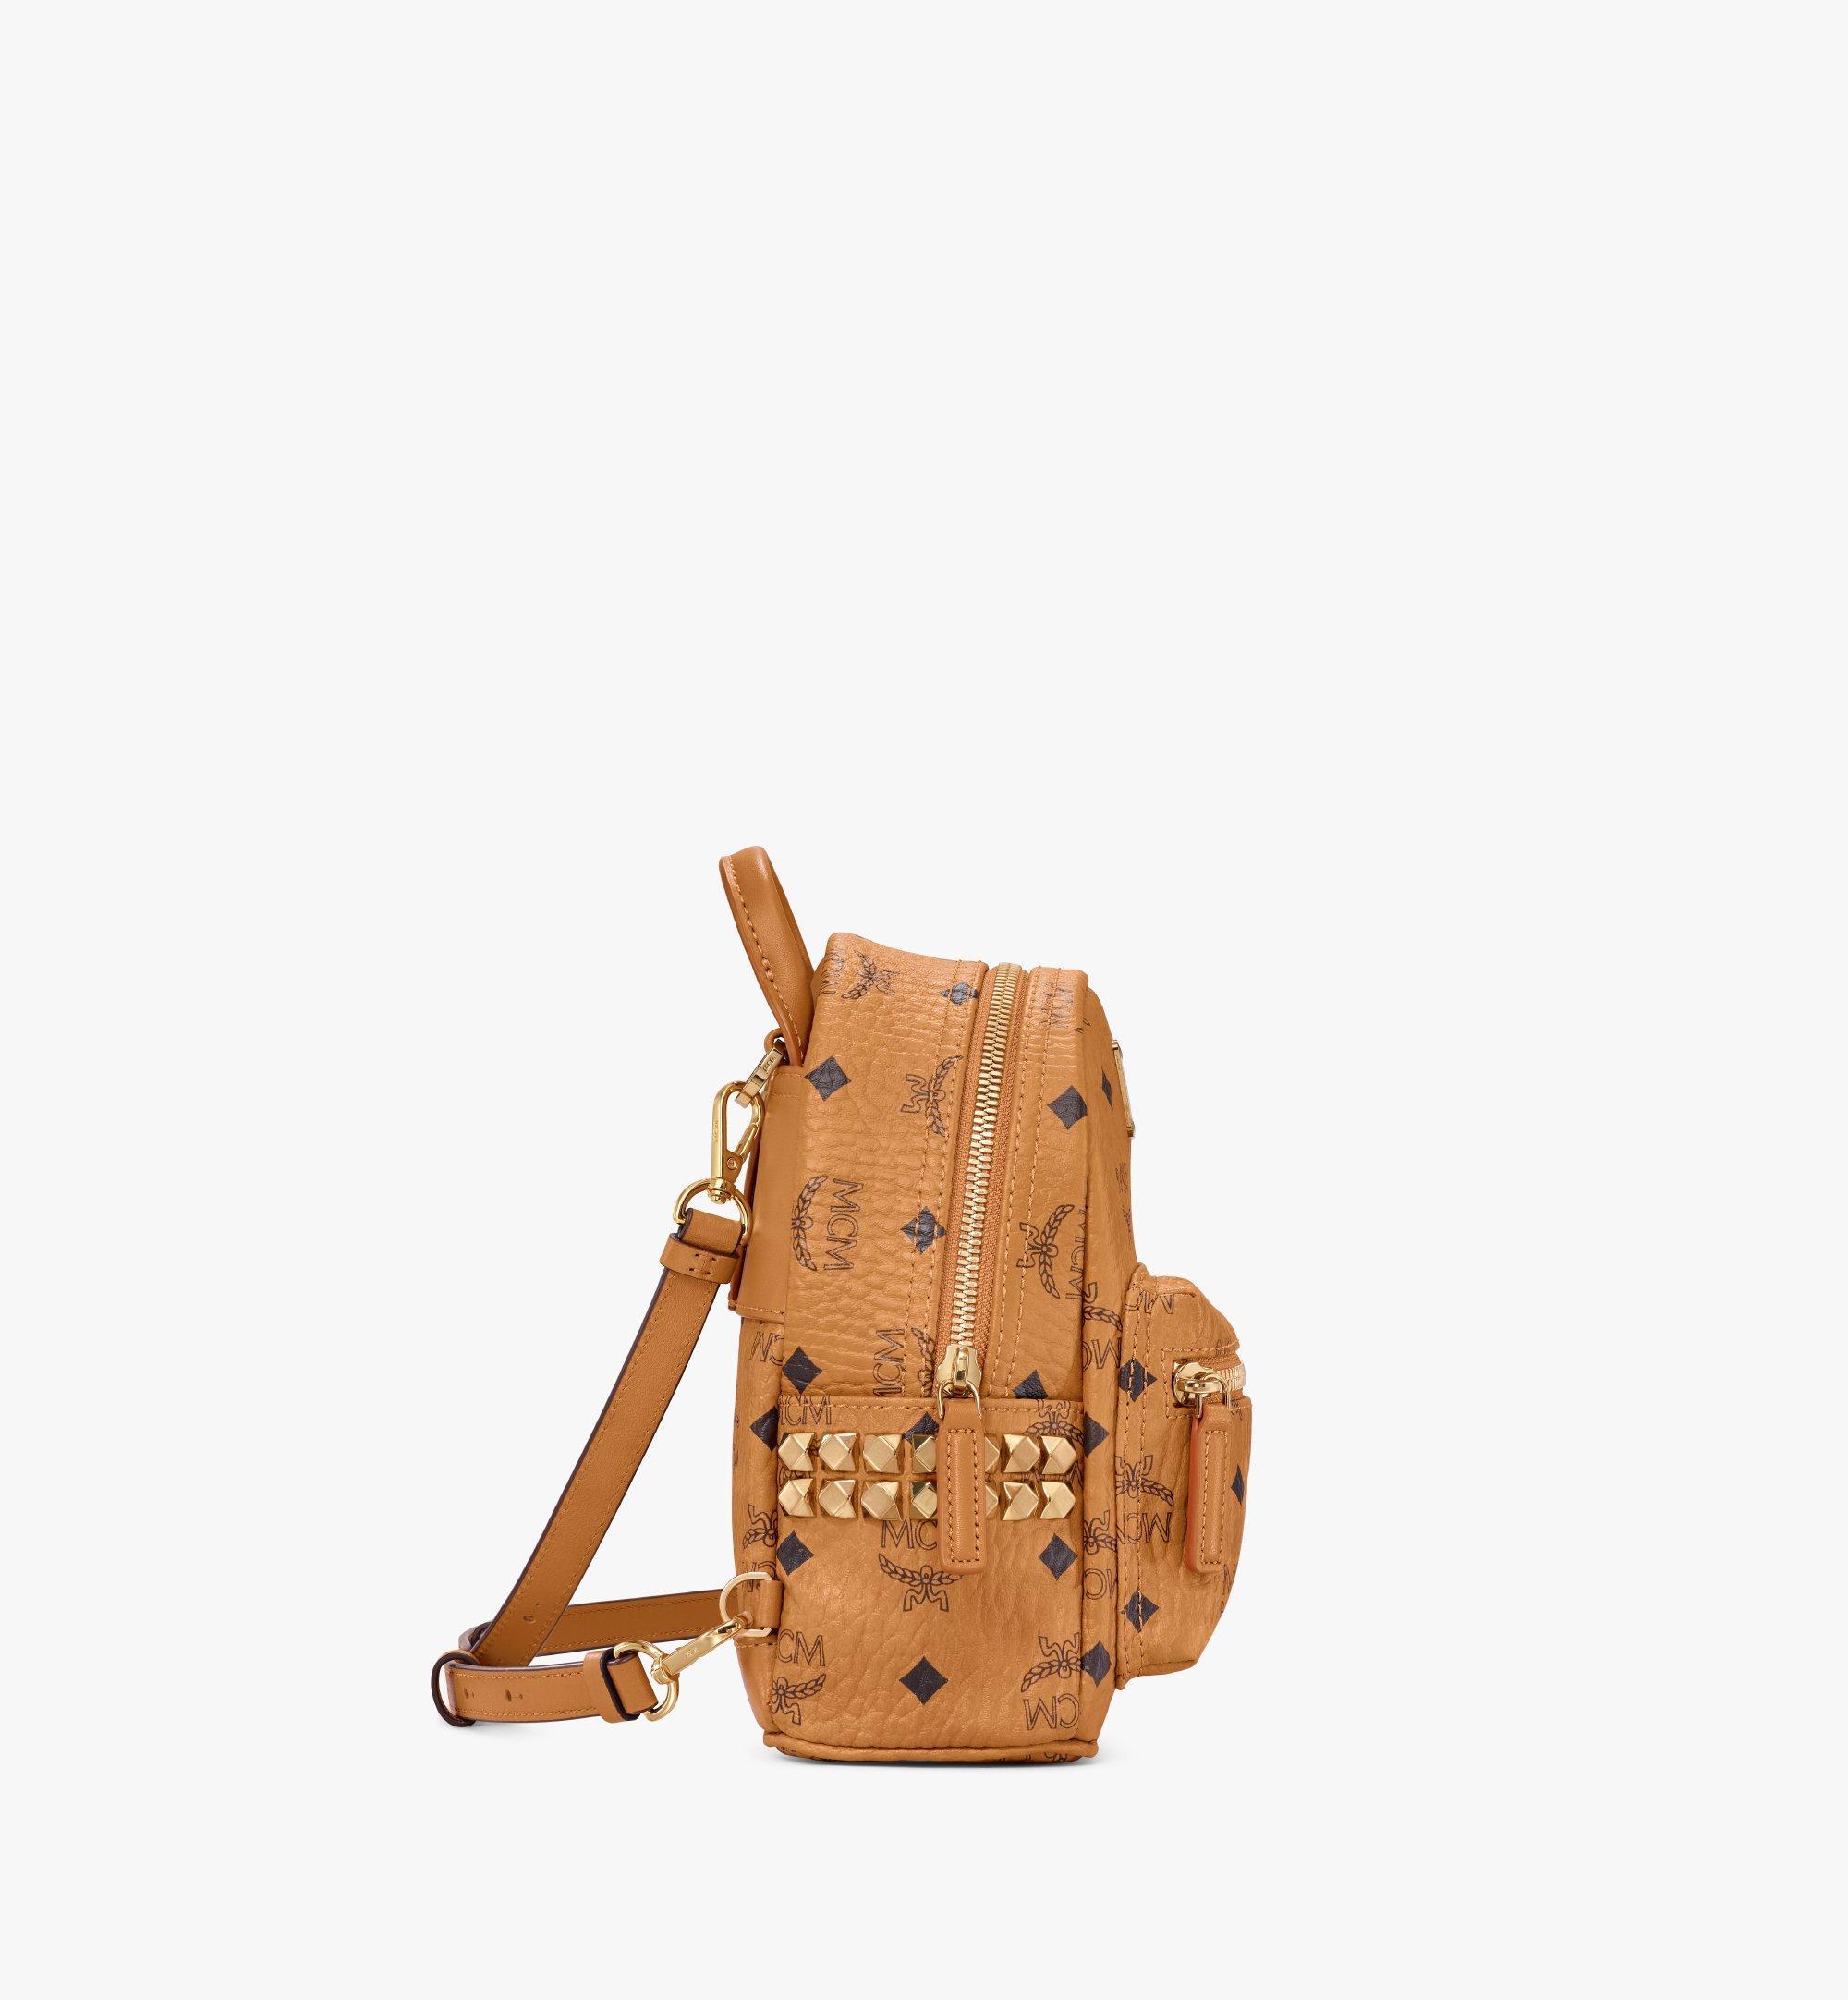 MCM Stark Side Studs Bebe Boo Backpack in Visetos Cognac MMK6SVE92CO001 Alternate View 2